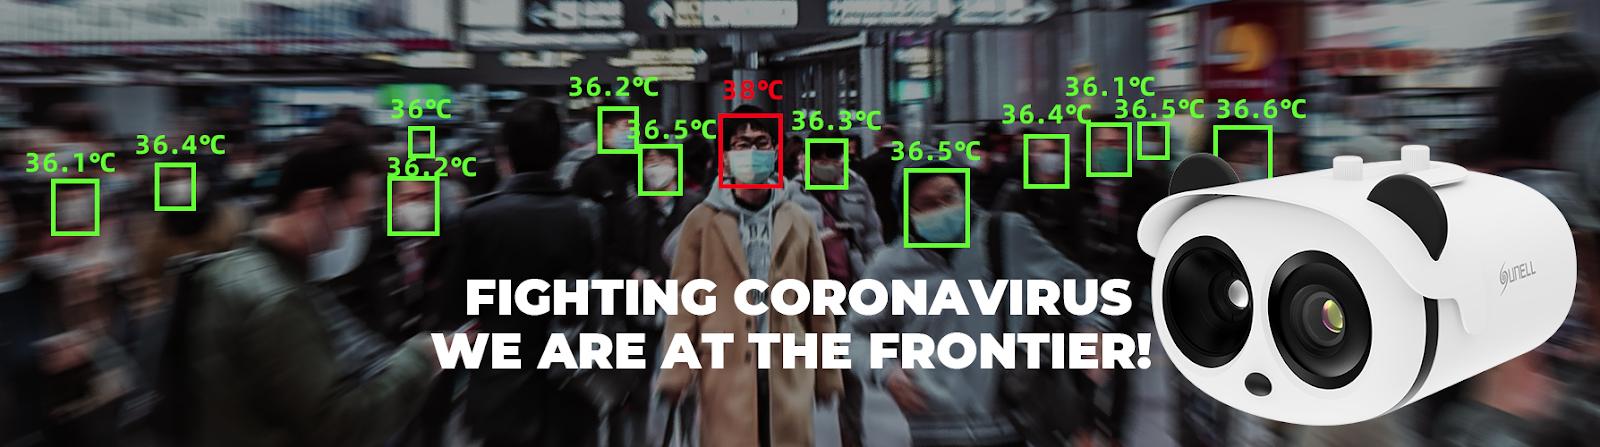 Как на коронавирусе наживаются производители тепловизоров - 4